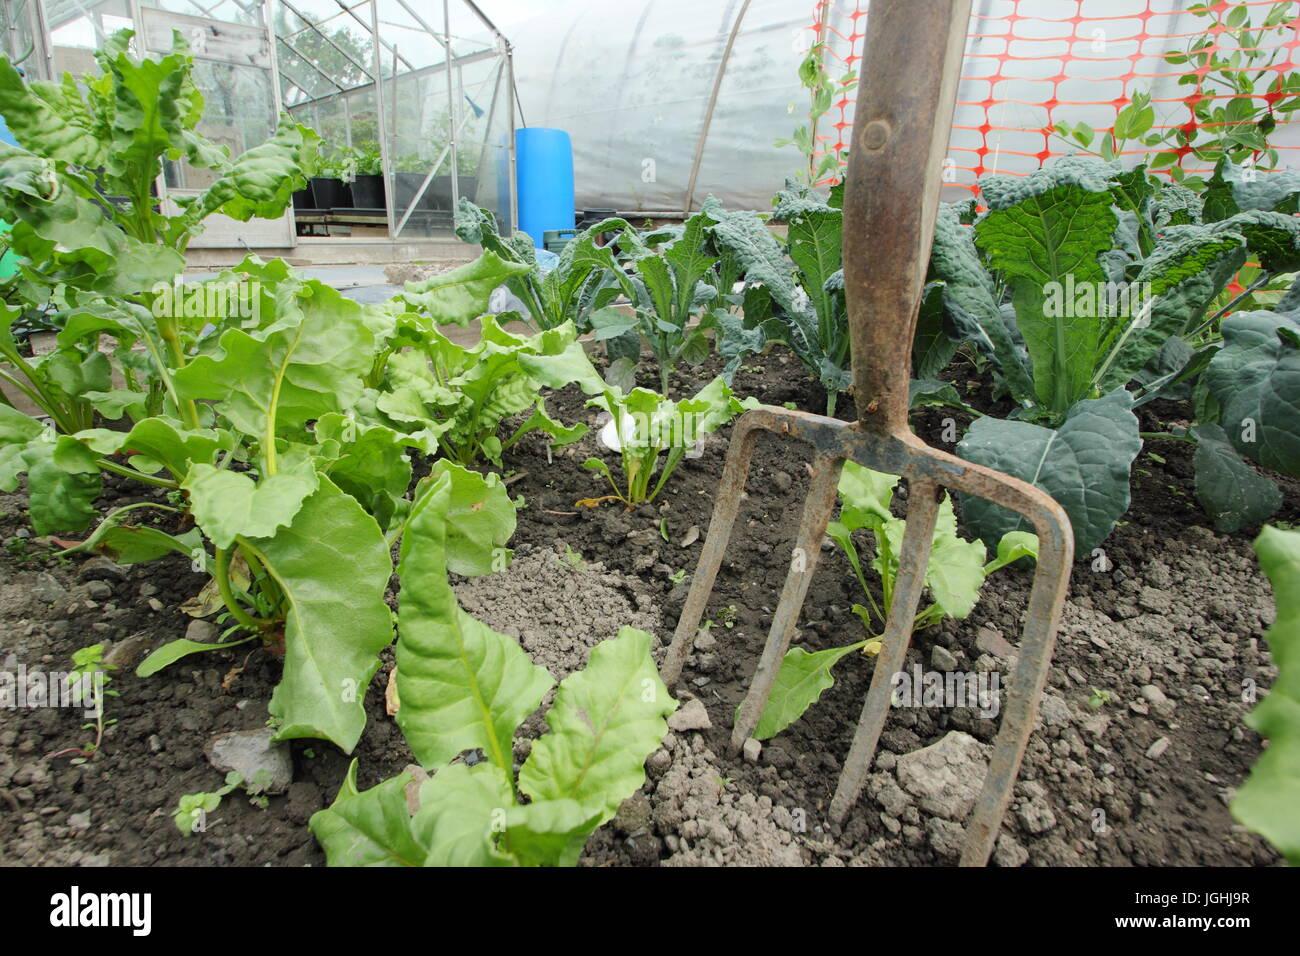 Les jeunes betteraves et brassica croissant dans une parcelle de terrain végétale dans un jardin au milieu Photo Stock